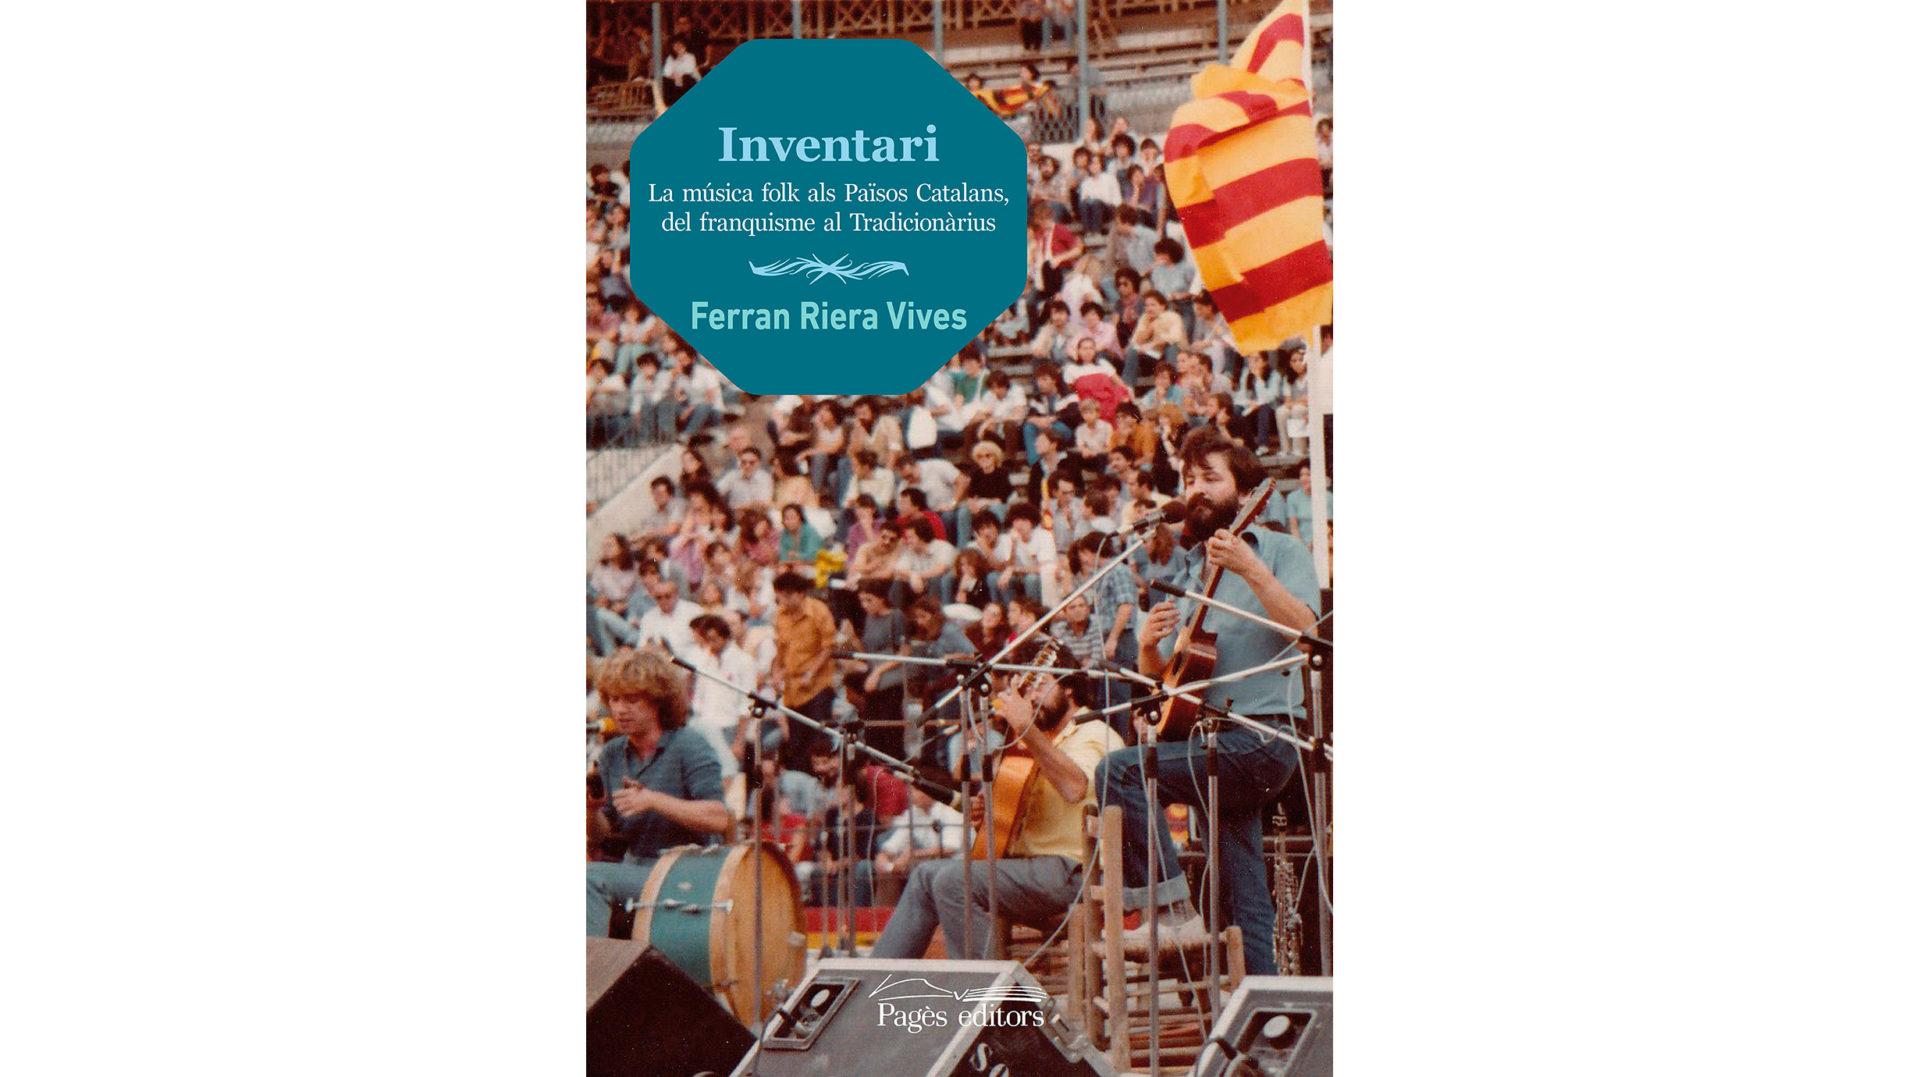 Presentació del llibre 'Inventari – La música folk als països catalans, del Franquisme al Tradicionàrius'